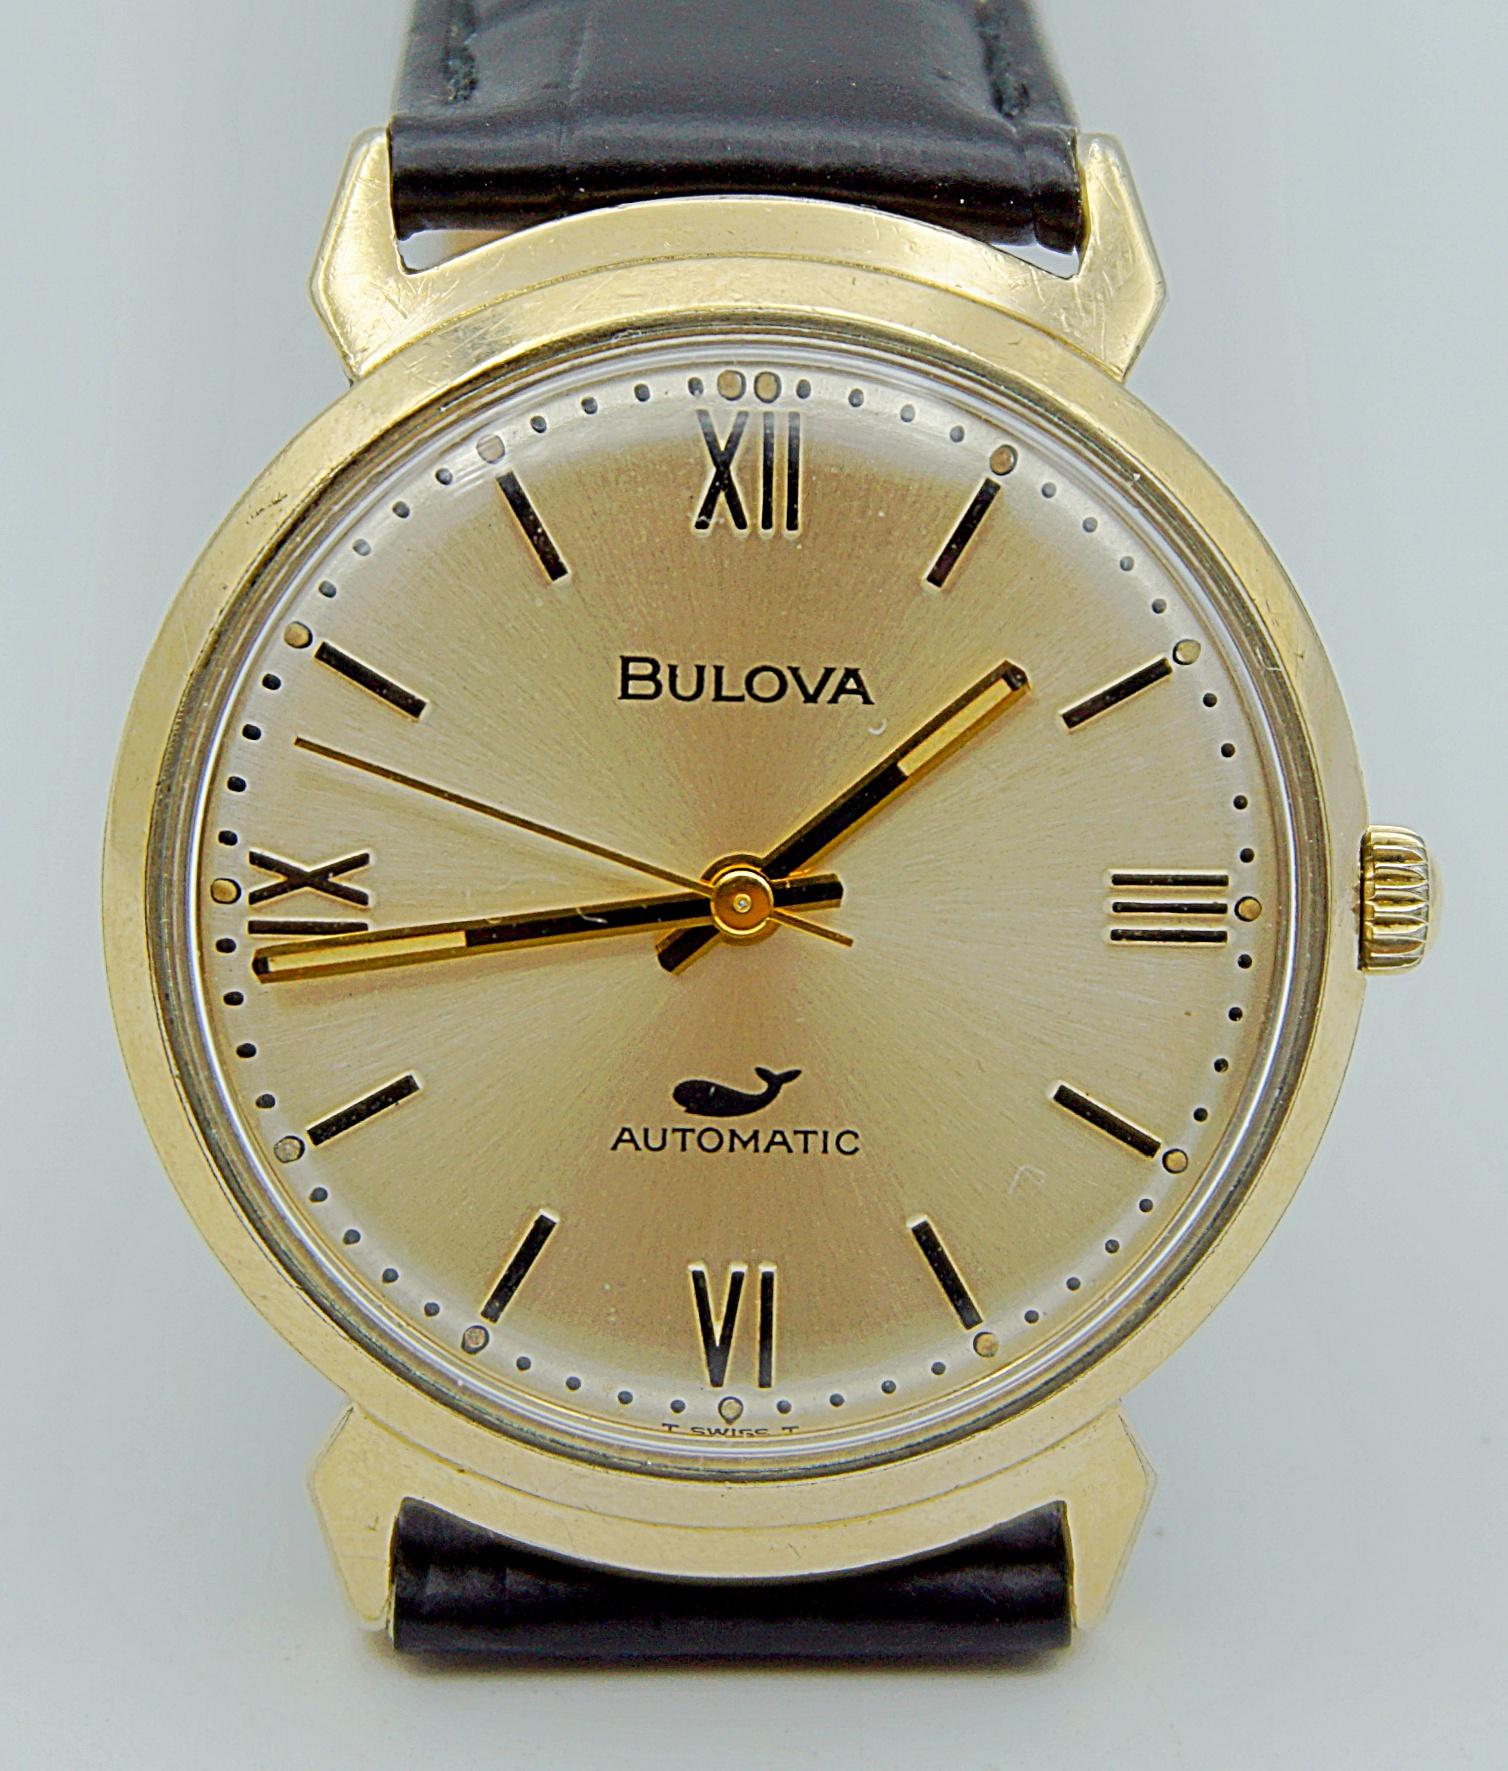 นาฬิกาเก่า BULOVA ออโตเมติก